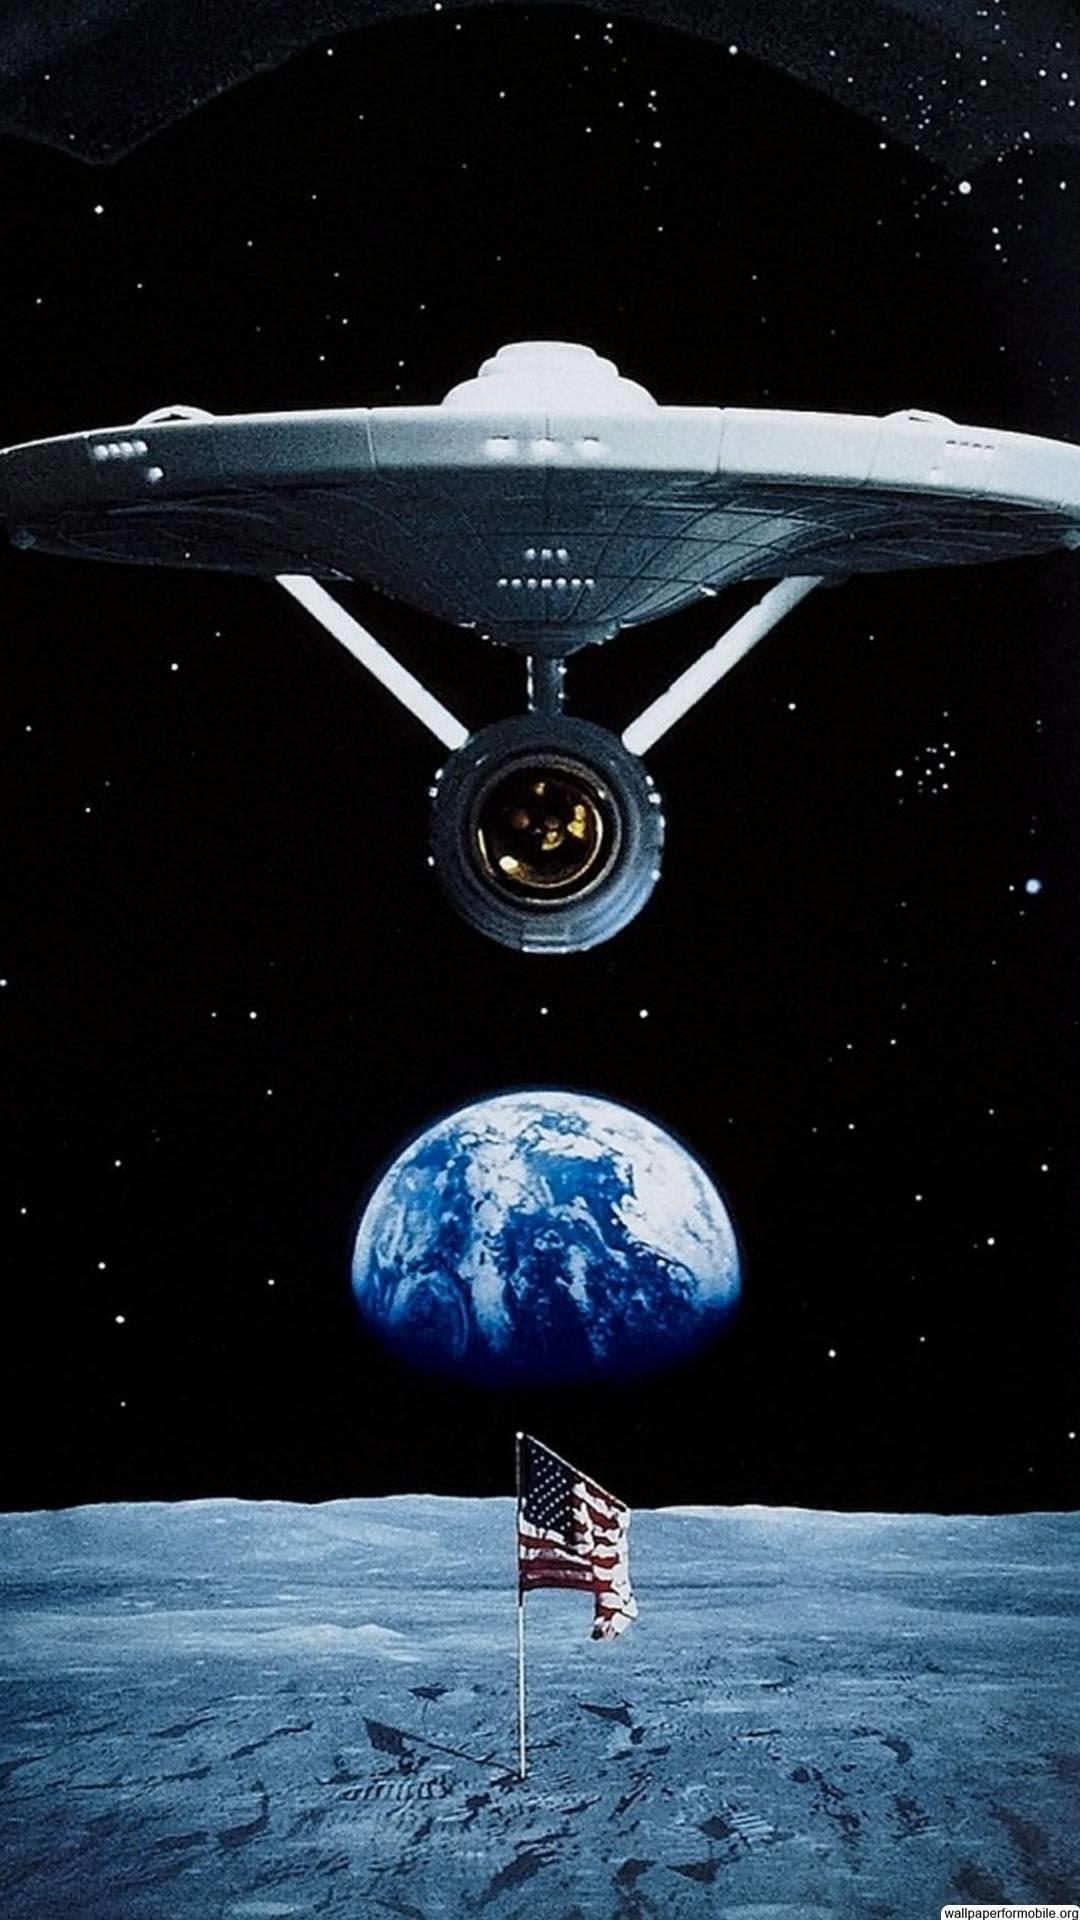 Iphone 6 Wallpaper Star Trek 63 Images